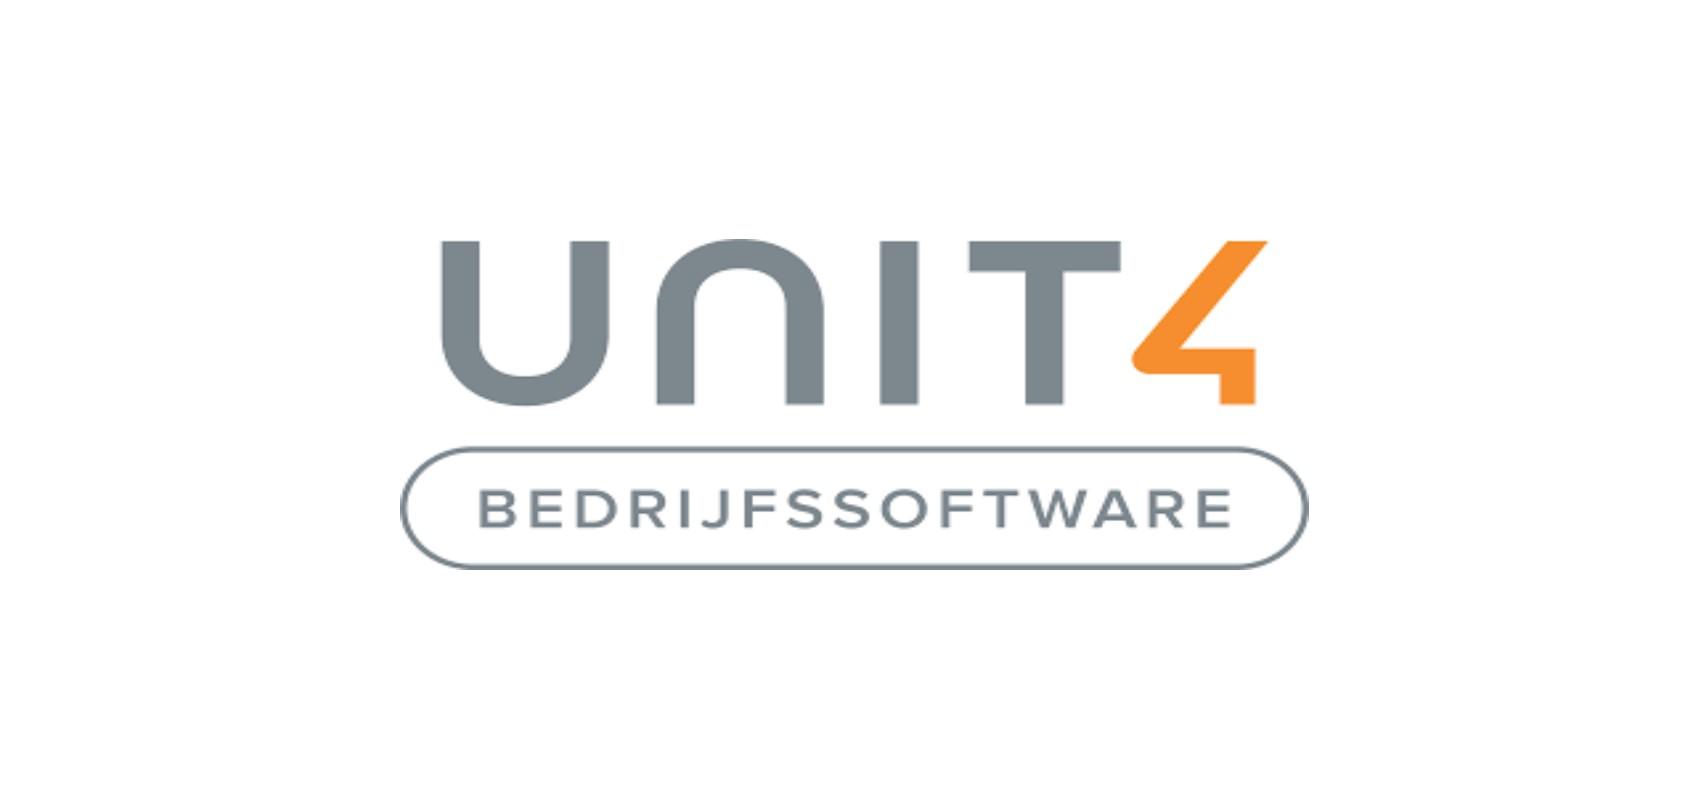 Unit4 Audition